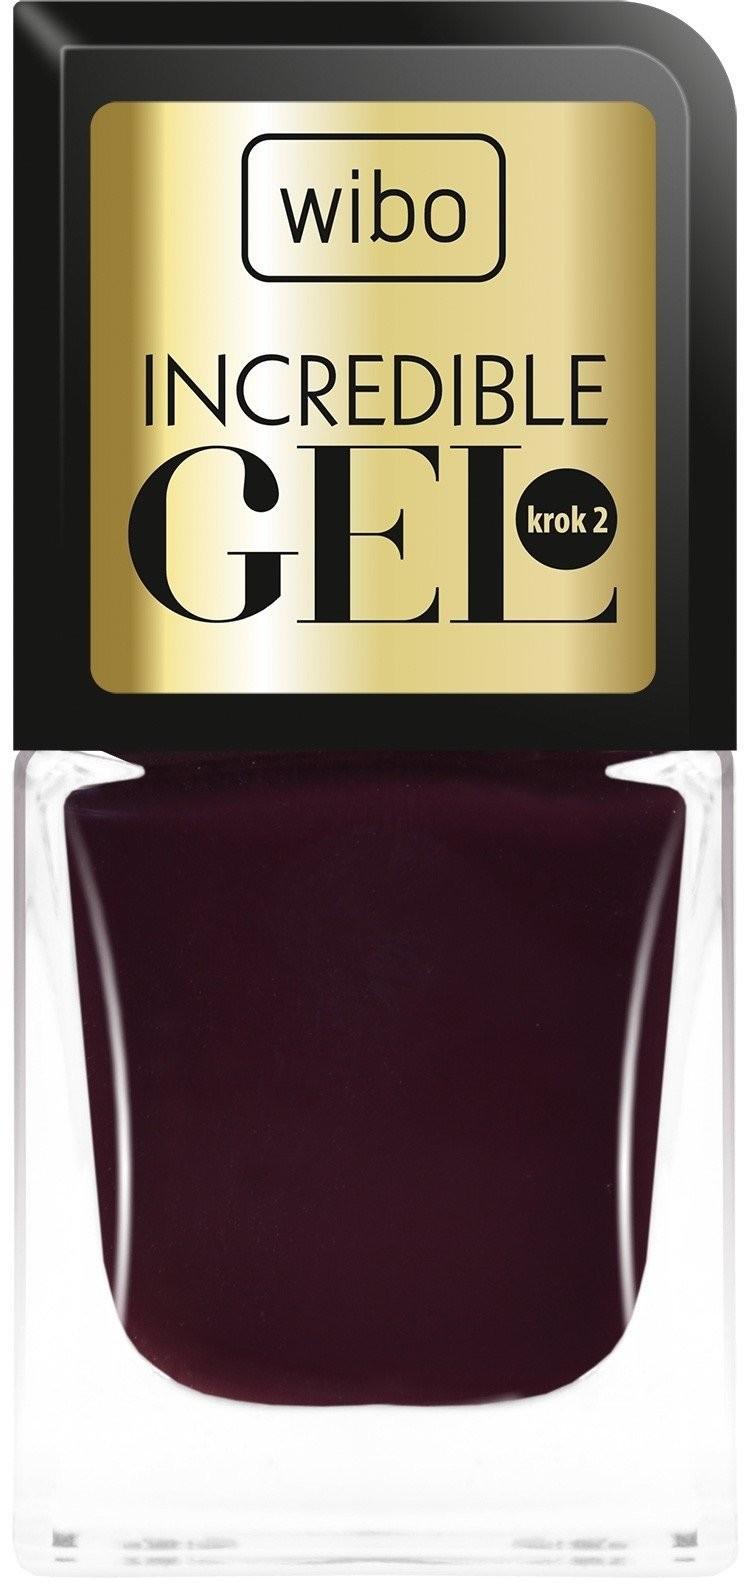 WIBO Incredible Gel żelowy lakier do paznokci 1 8.5ml